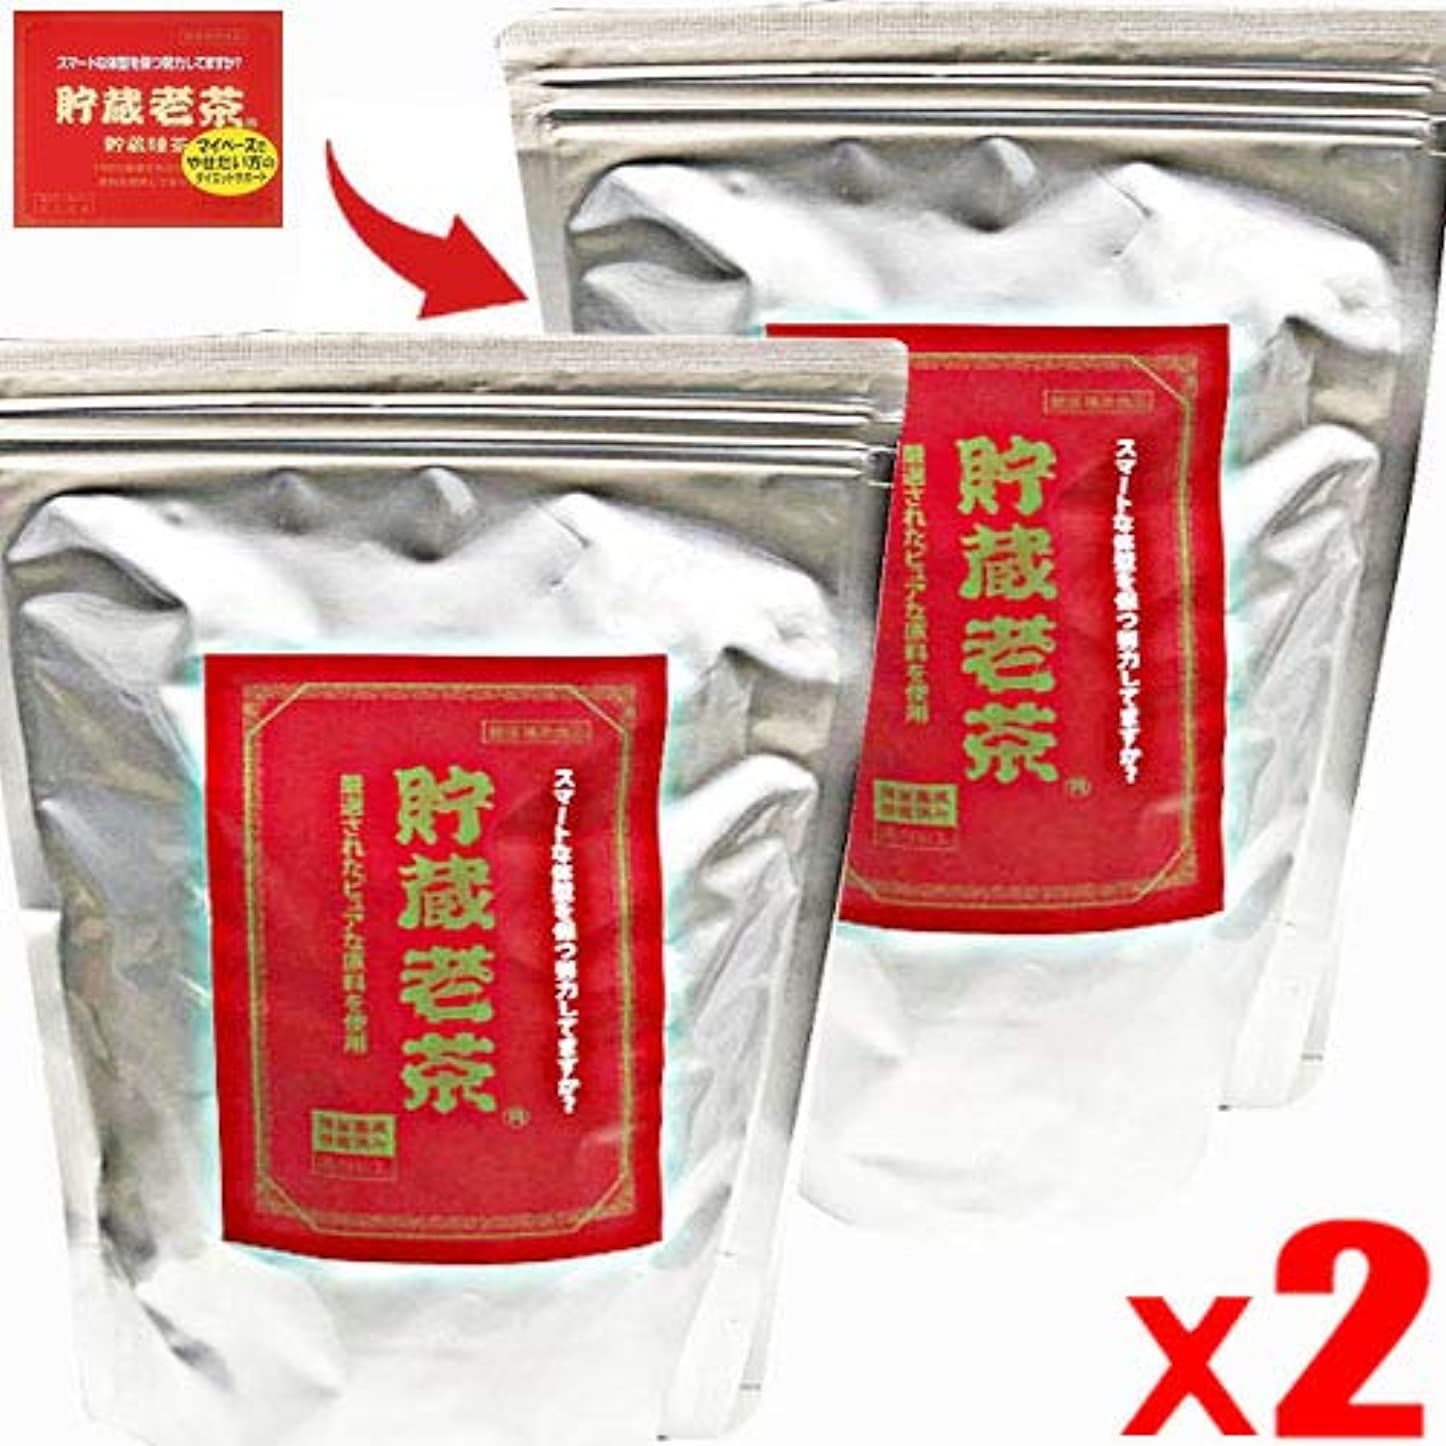 囲まれた広告メタルライン共栄 貯蔵老茶 (3.7gX60包)x2個(4972889000197-2) 赤箱からパウチ包装に変更です。